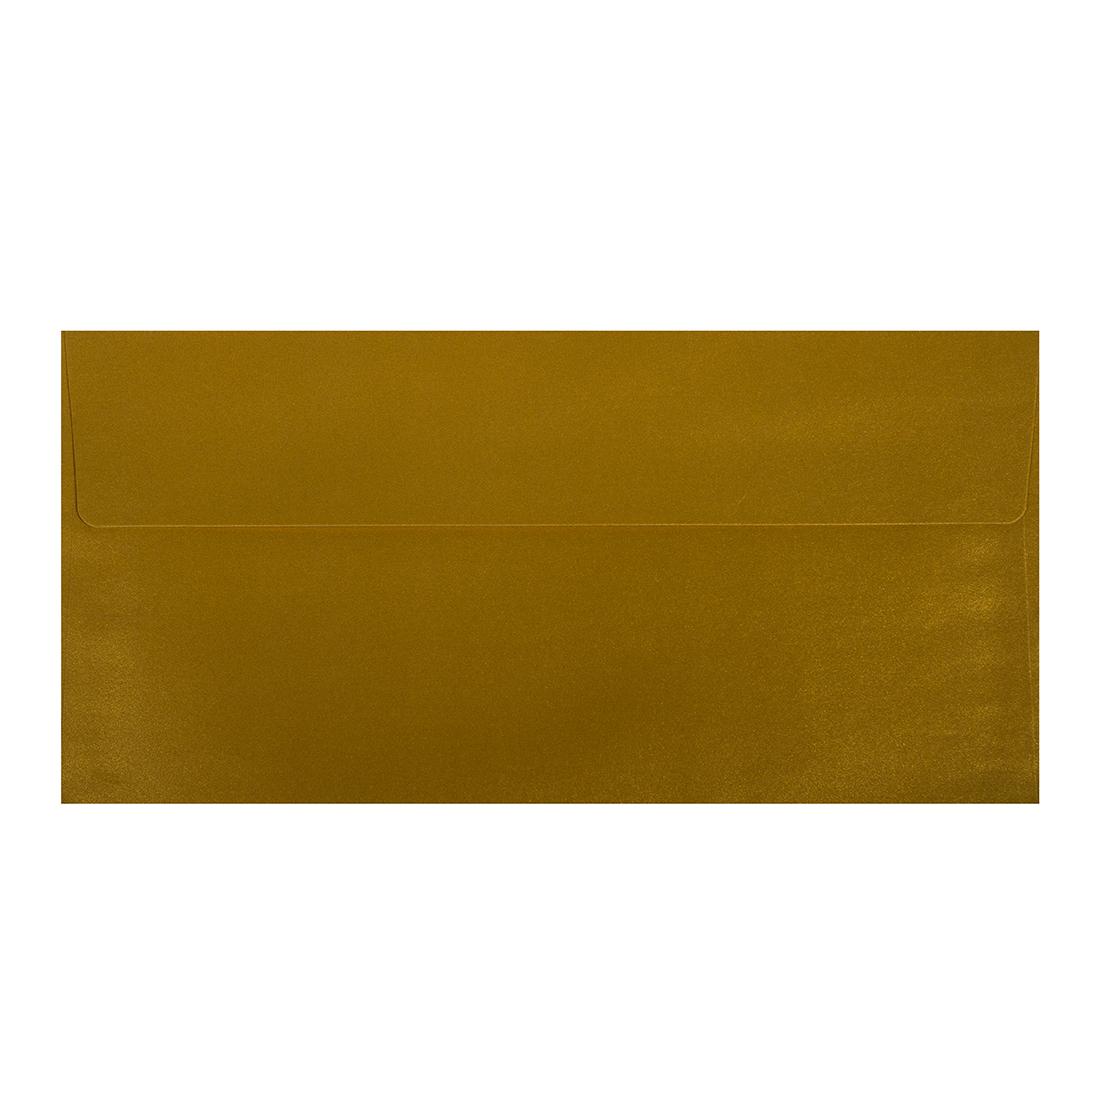 Wysokiej jakości koperty ozdobne - O.Koperta DL - PERŁA - 120 g/m² - złoty - 10 sztuk